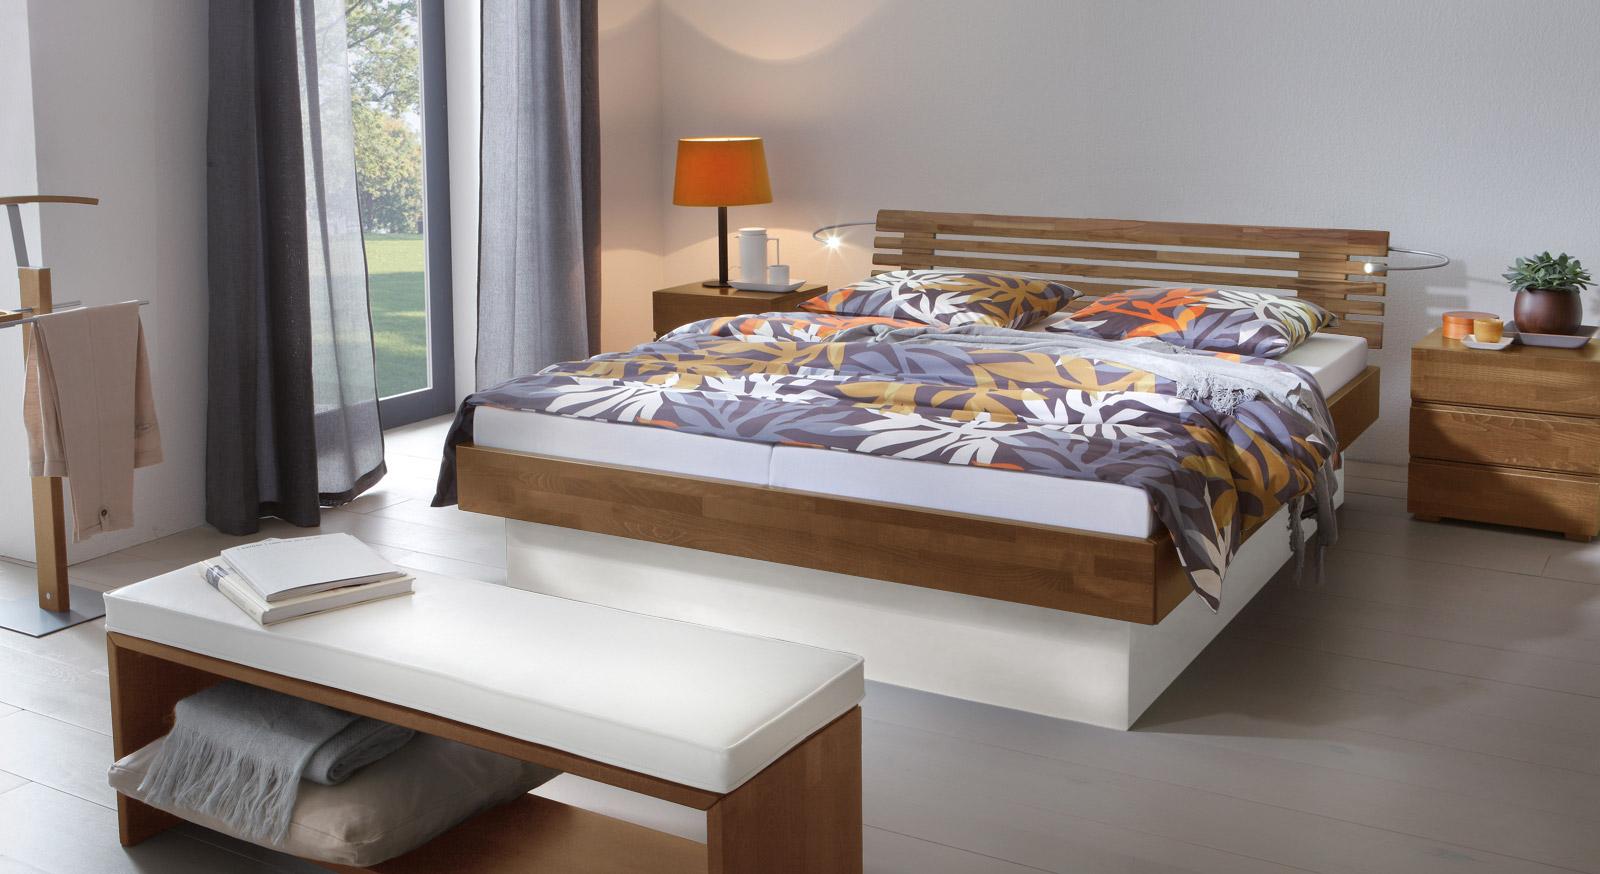 Einzelbett mit bettkasten buche  Echtholzbett mit Bettkasten für viel Stauraum - Grosseto